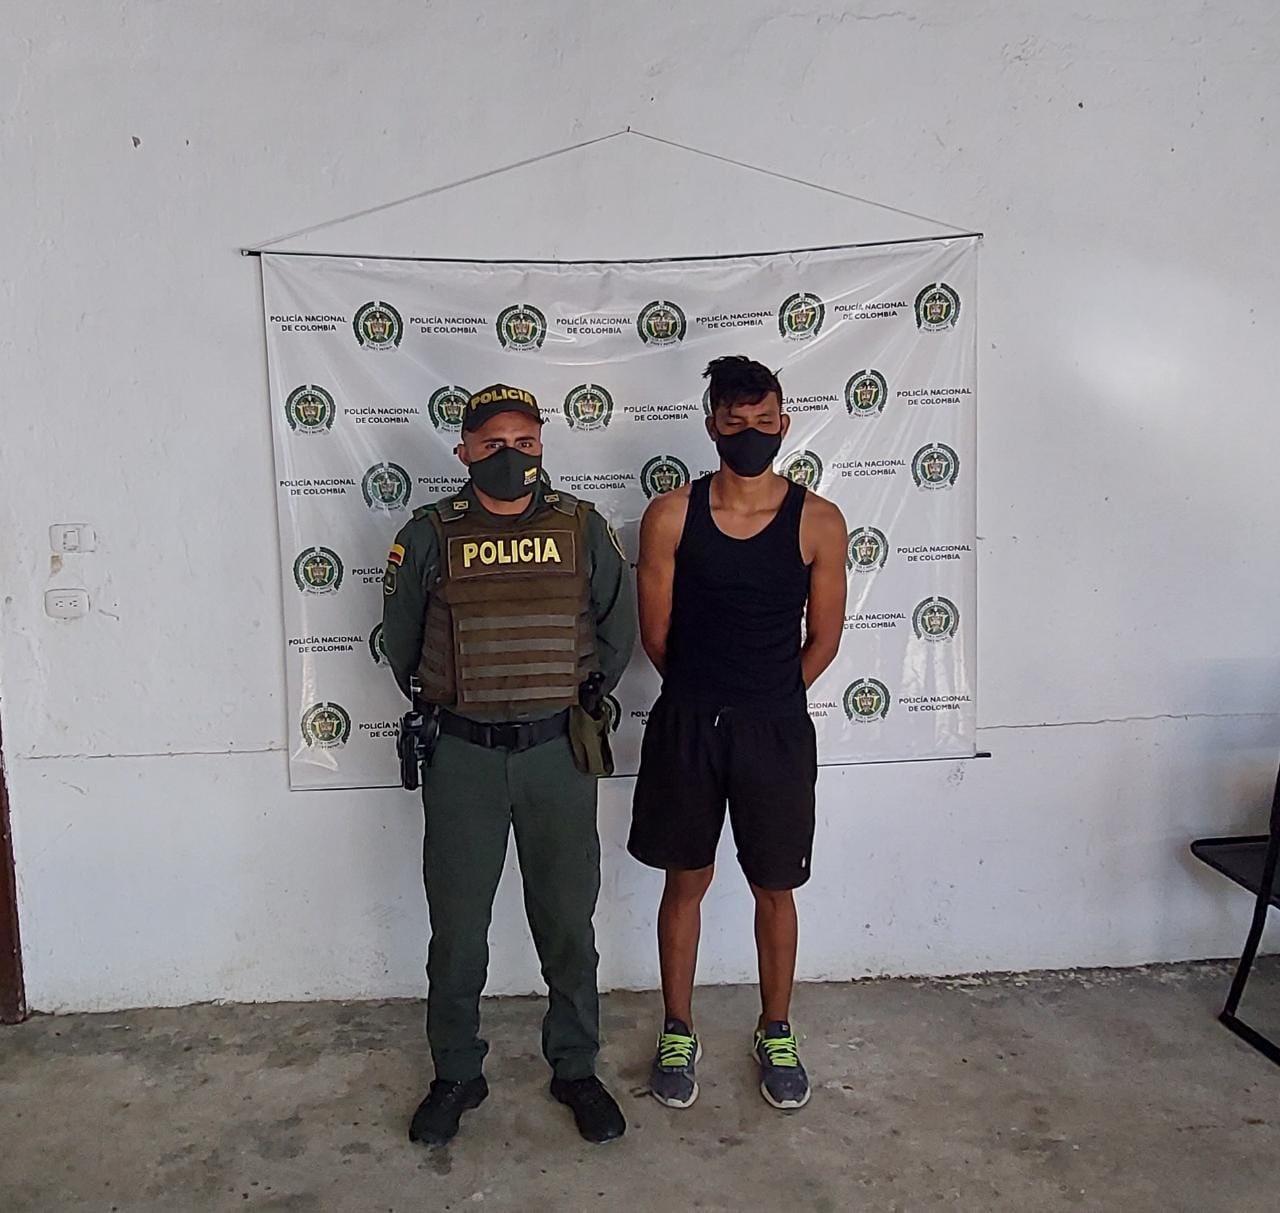 hoyennoticia.com, Se voló del Ejército y la Policía lo pilló en Gamarra